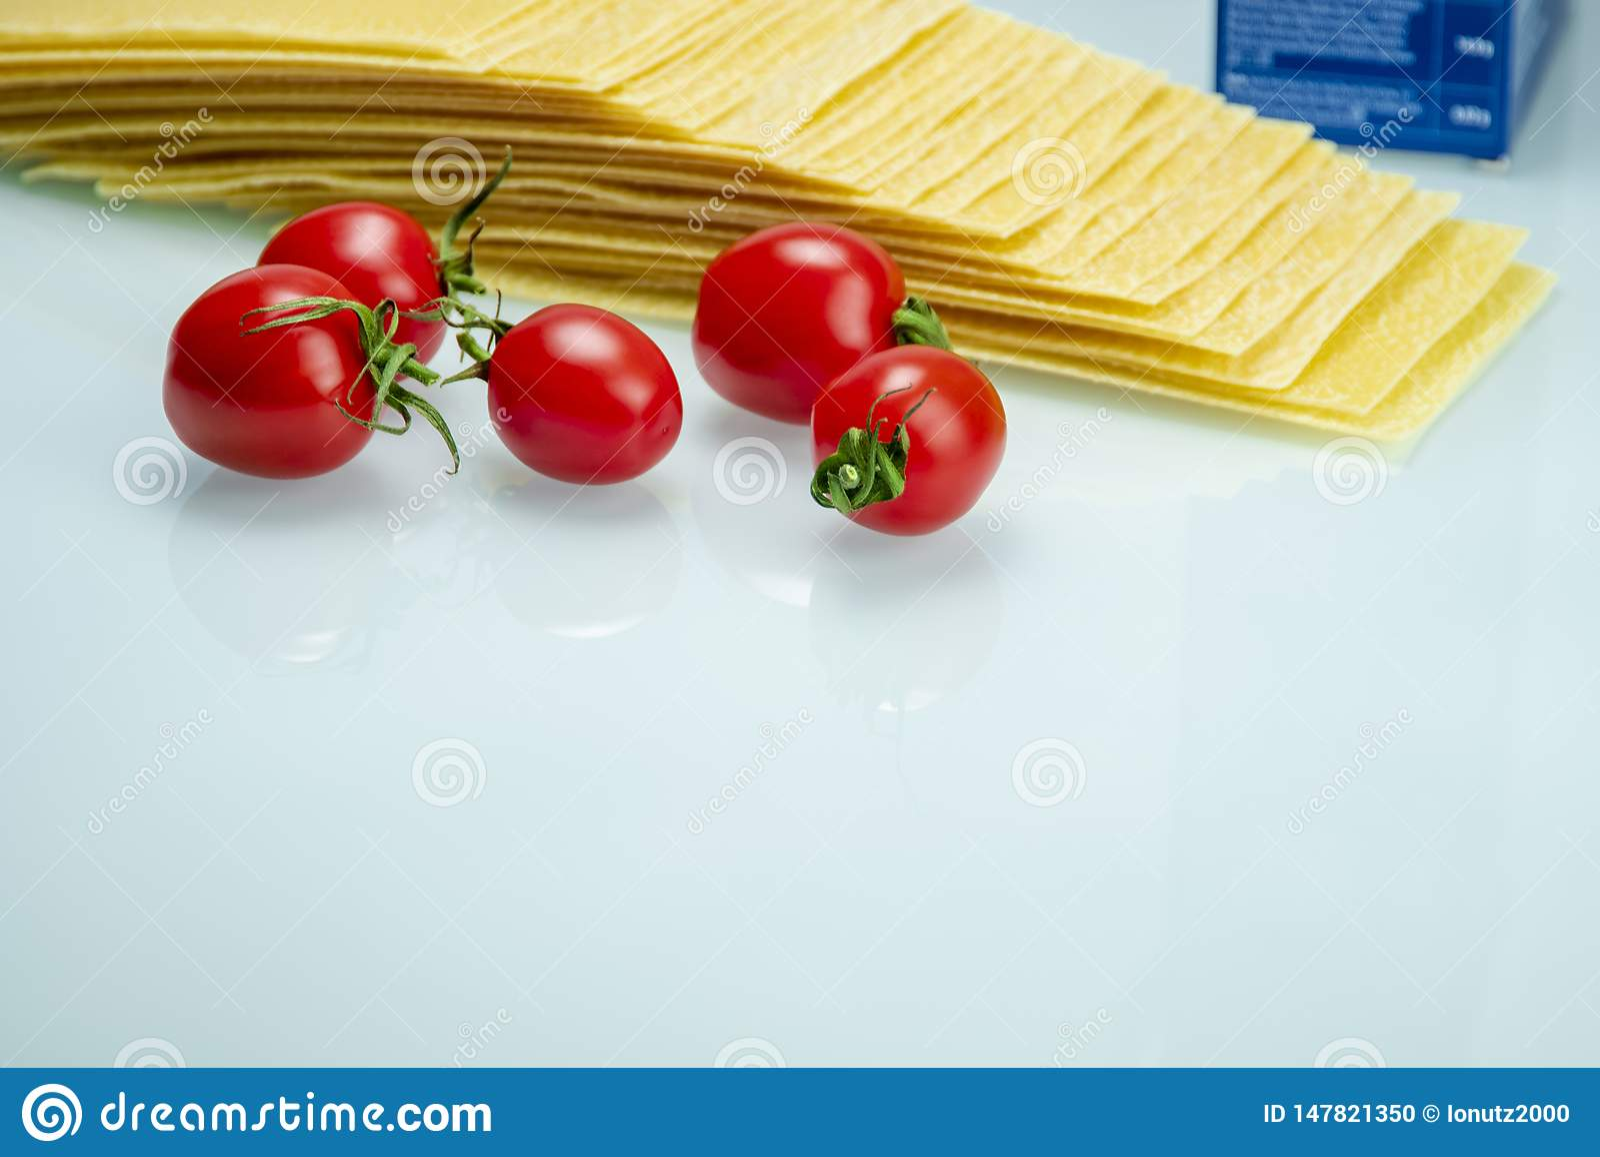 Tomates con lasañas sobre el vidrio reflexivo blanco